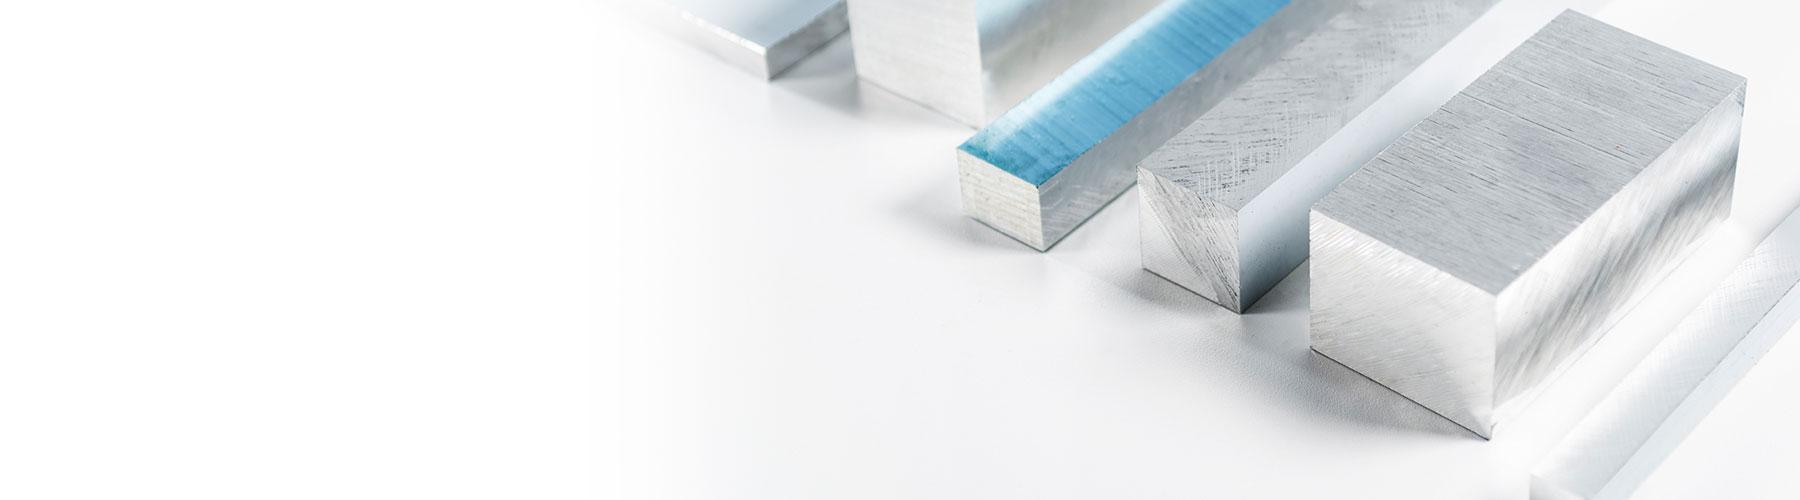 Hochwertige Materialien zur weiterverarbeitung CNC-Fräsen und drehen